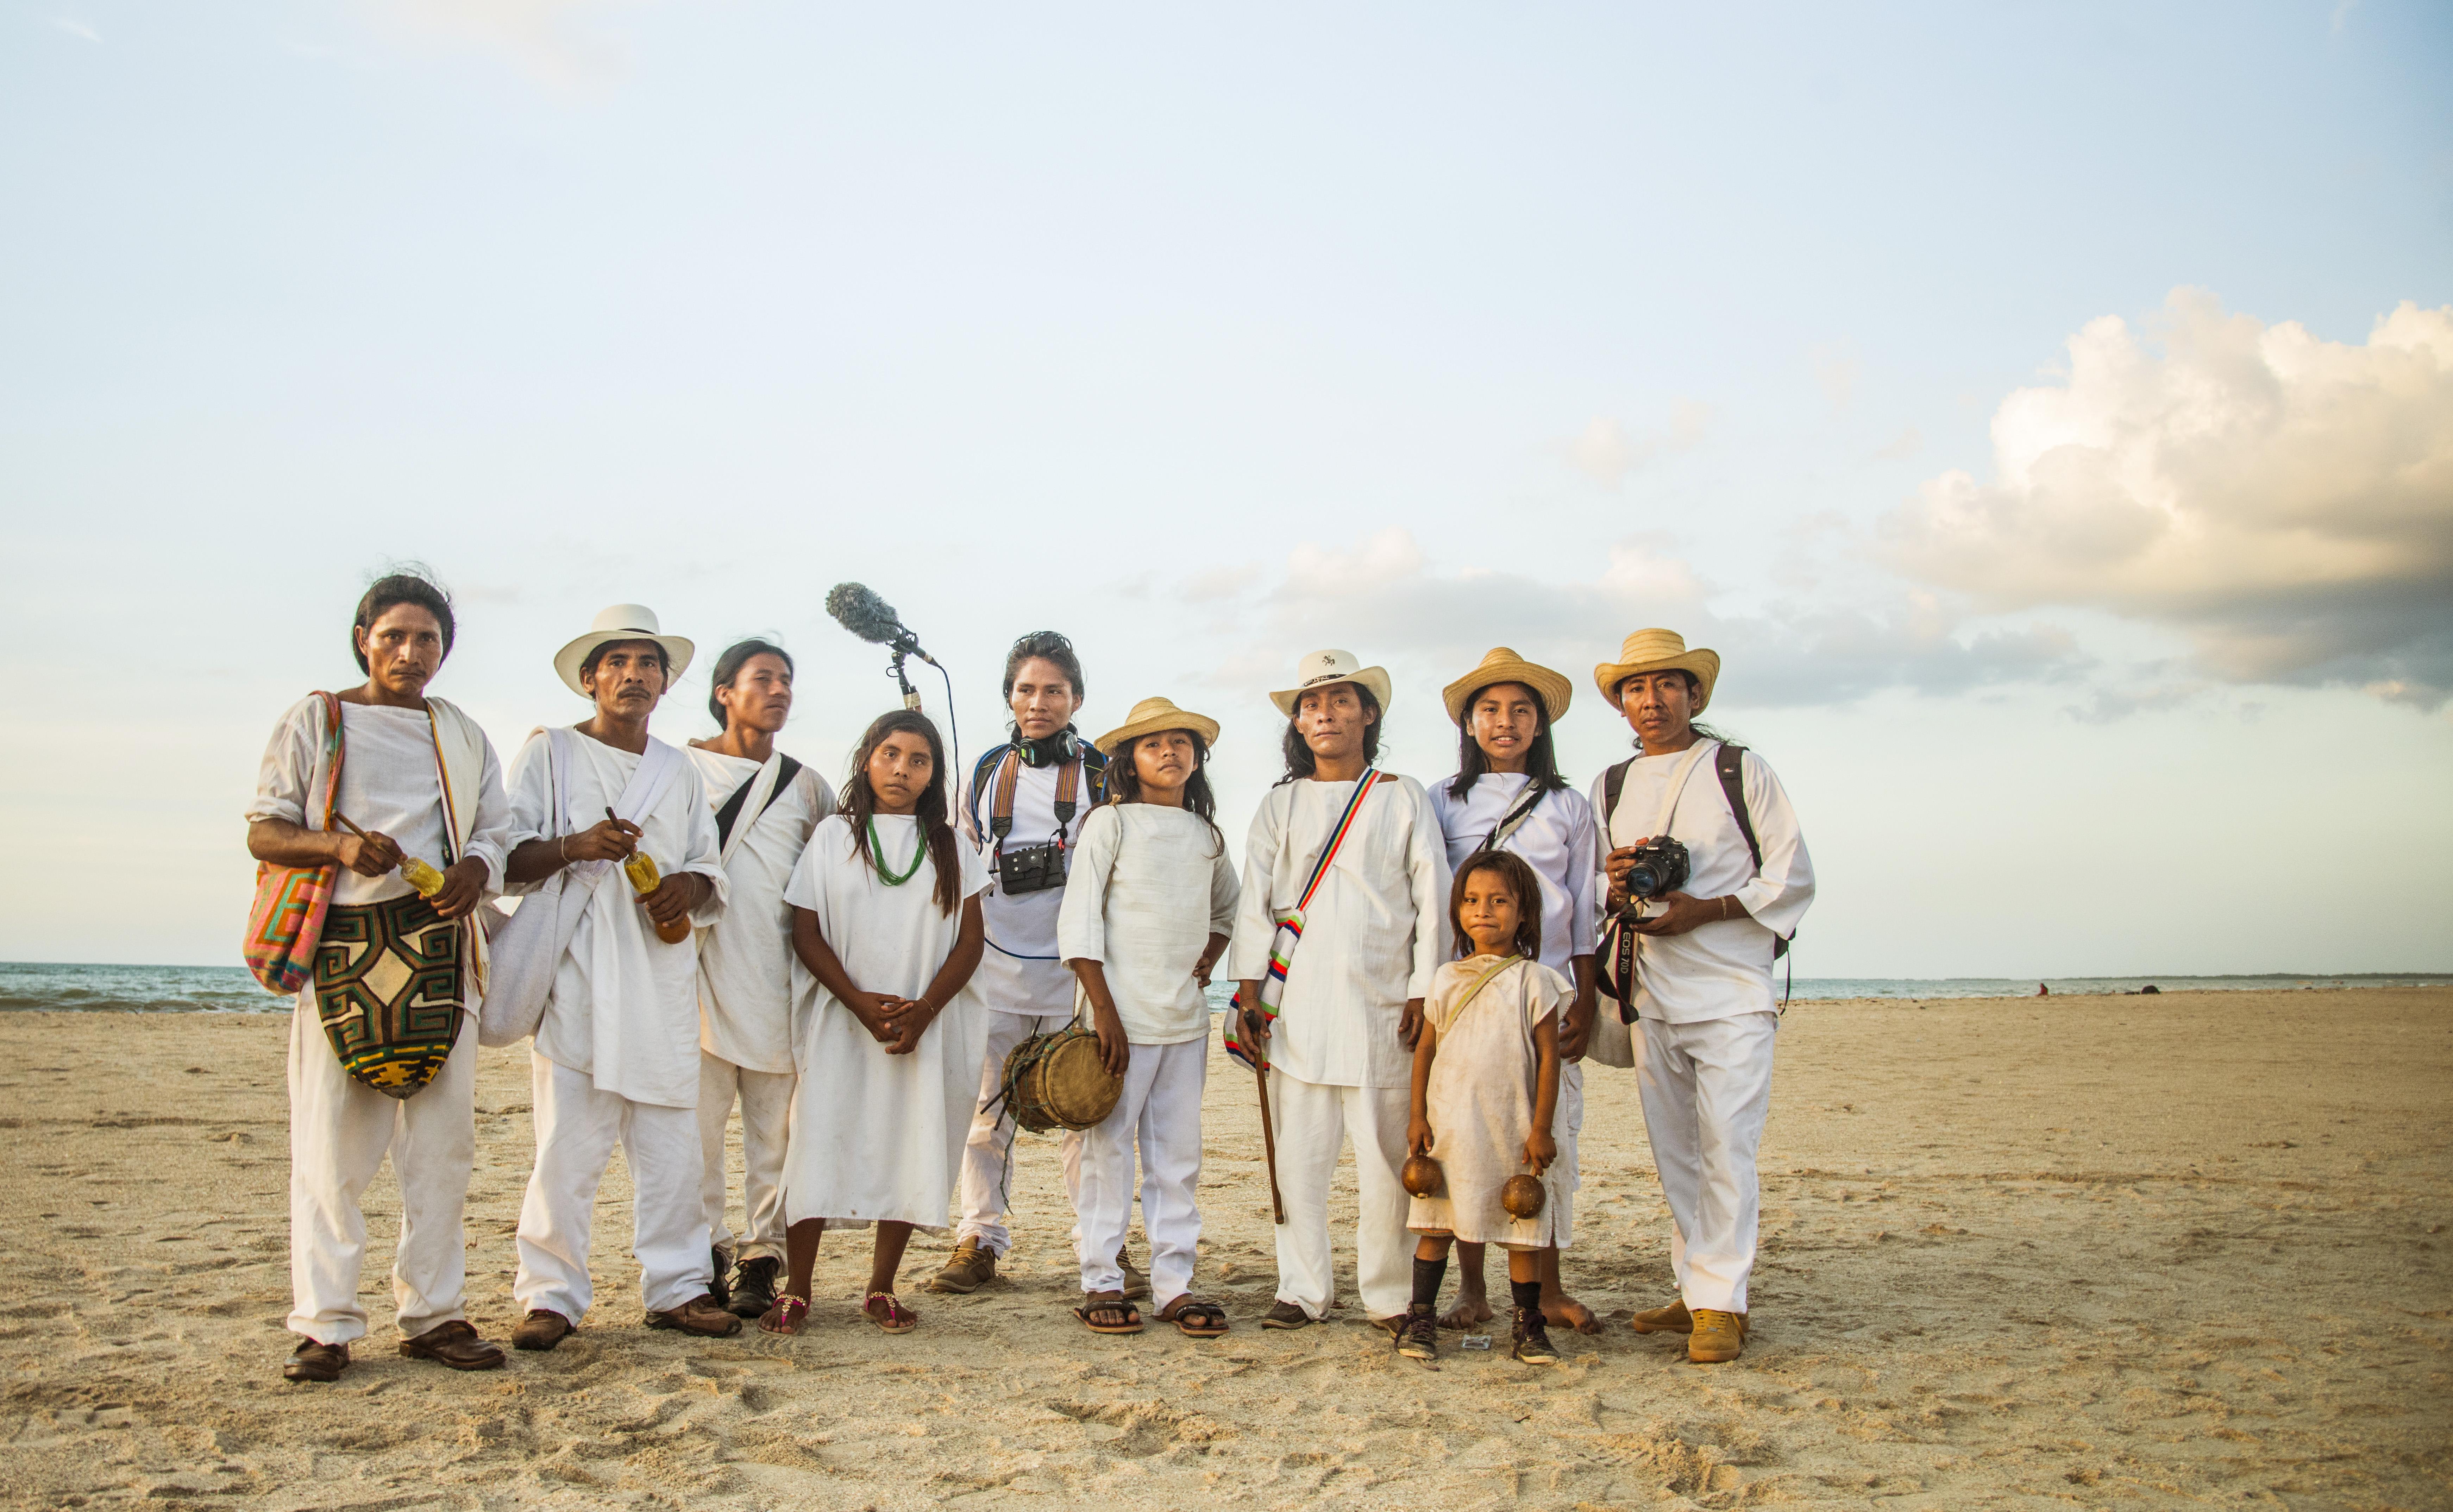 historias/bogota/daupara-el-festival-de-cine-indigena-regresa-a-bogota